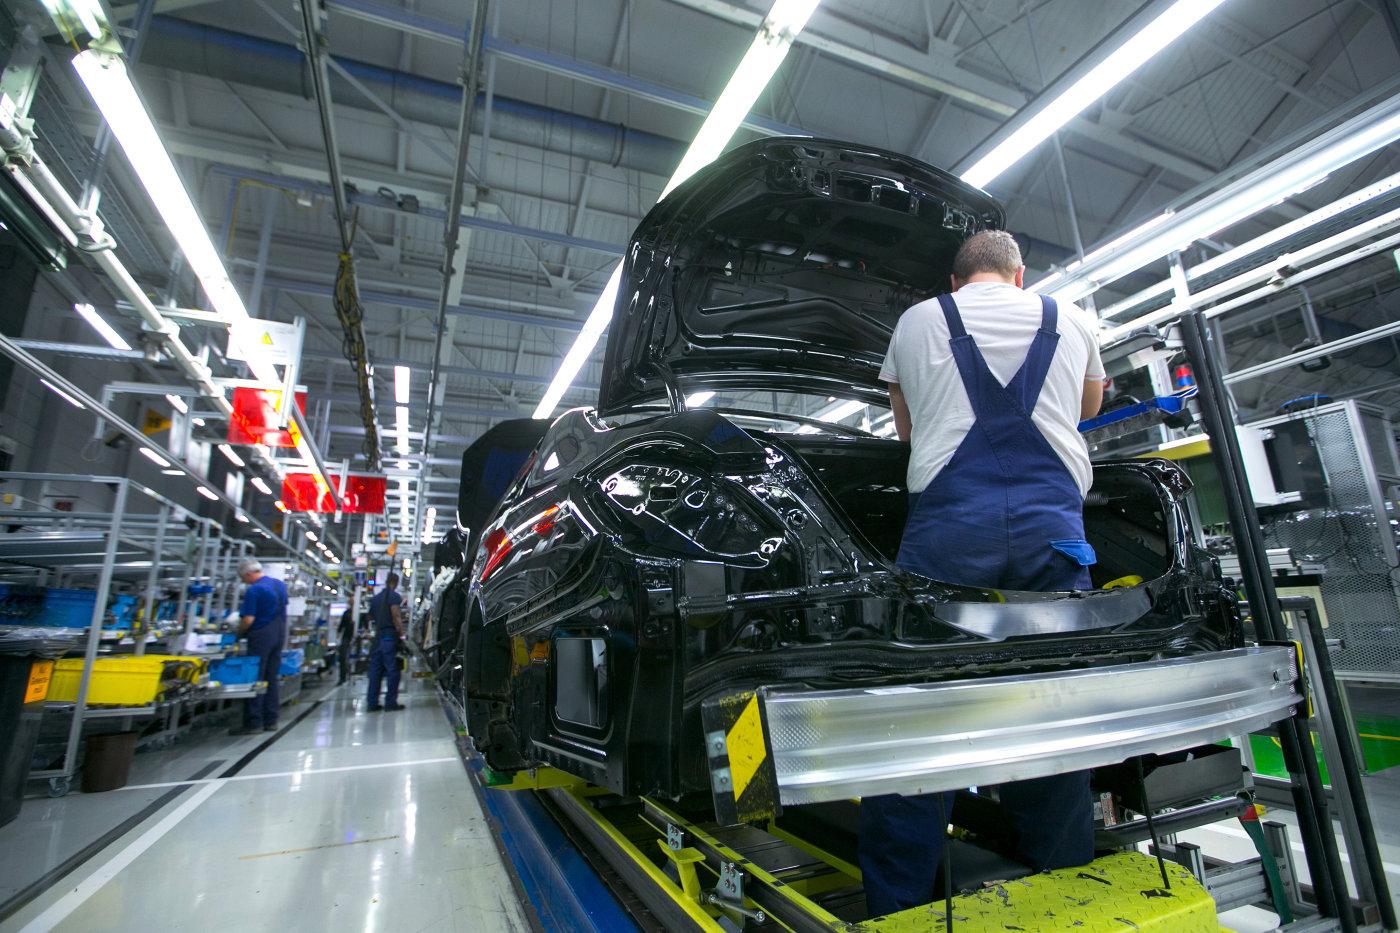 جایگزینی روباتها با انسانها در خط تولید مرسدس